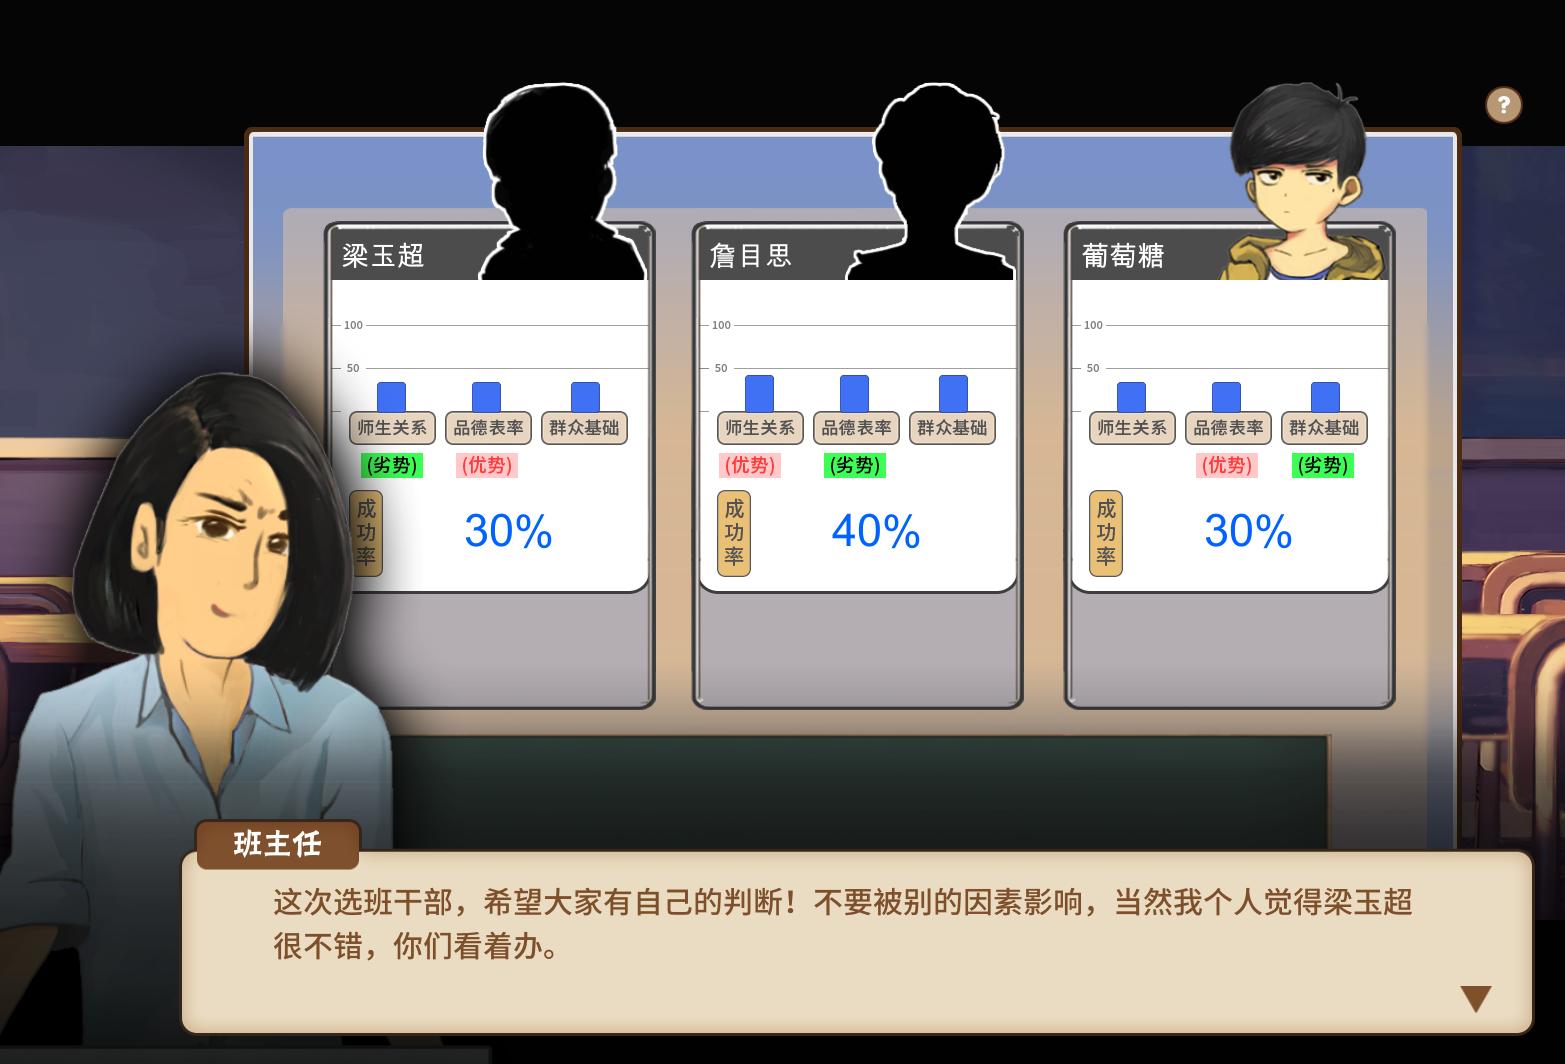 游戏会询问你是否有相似经历,并告诉你有相似经历的人数